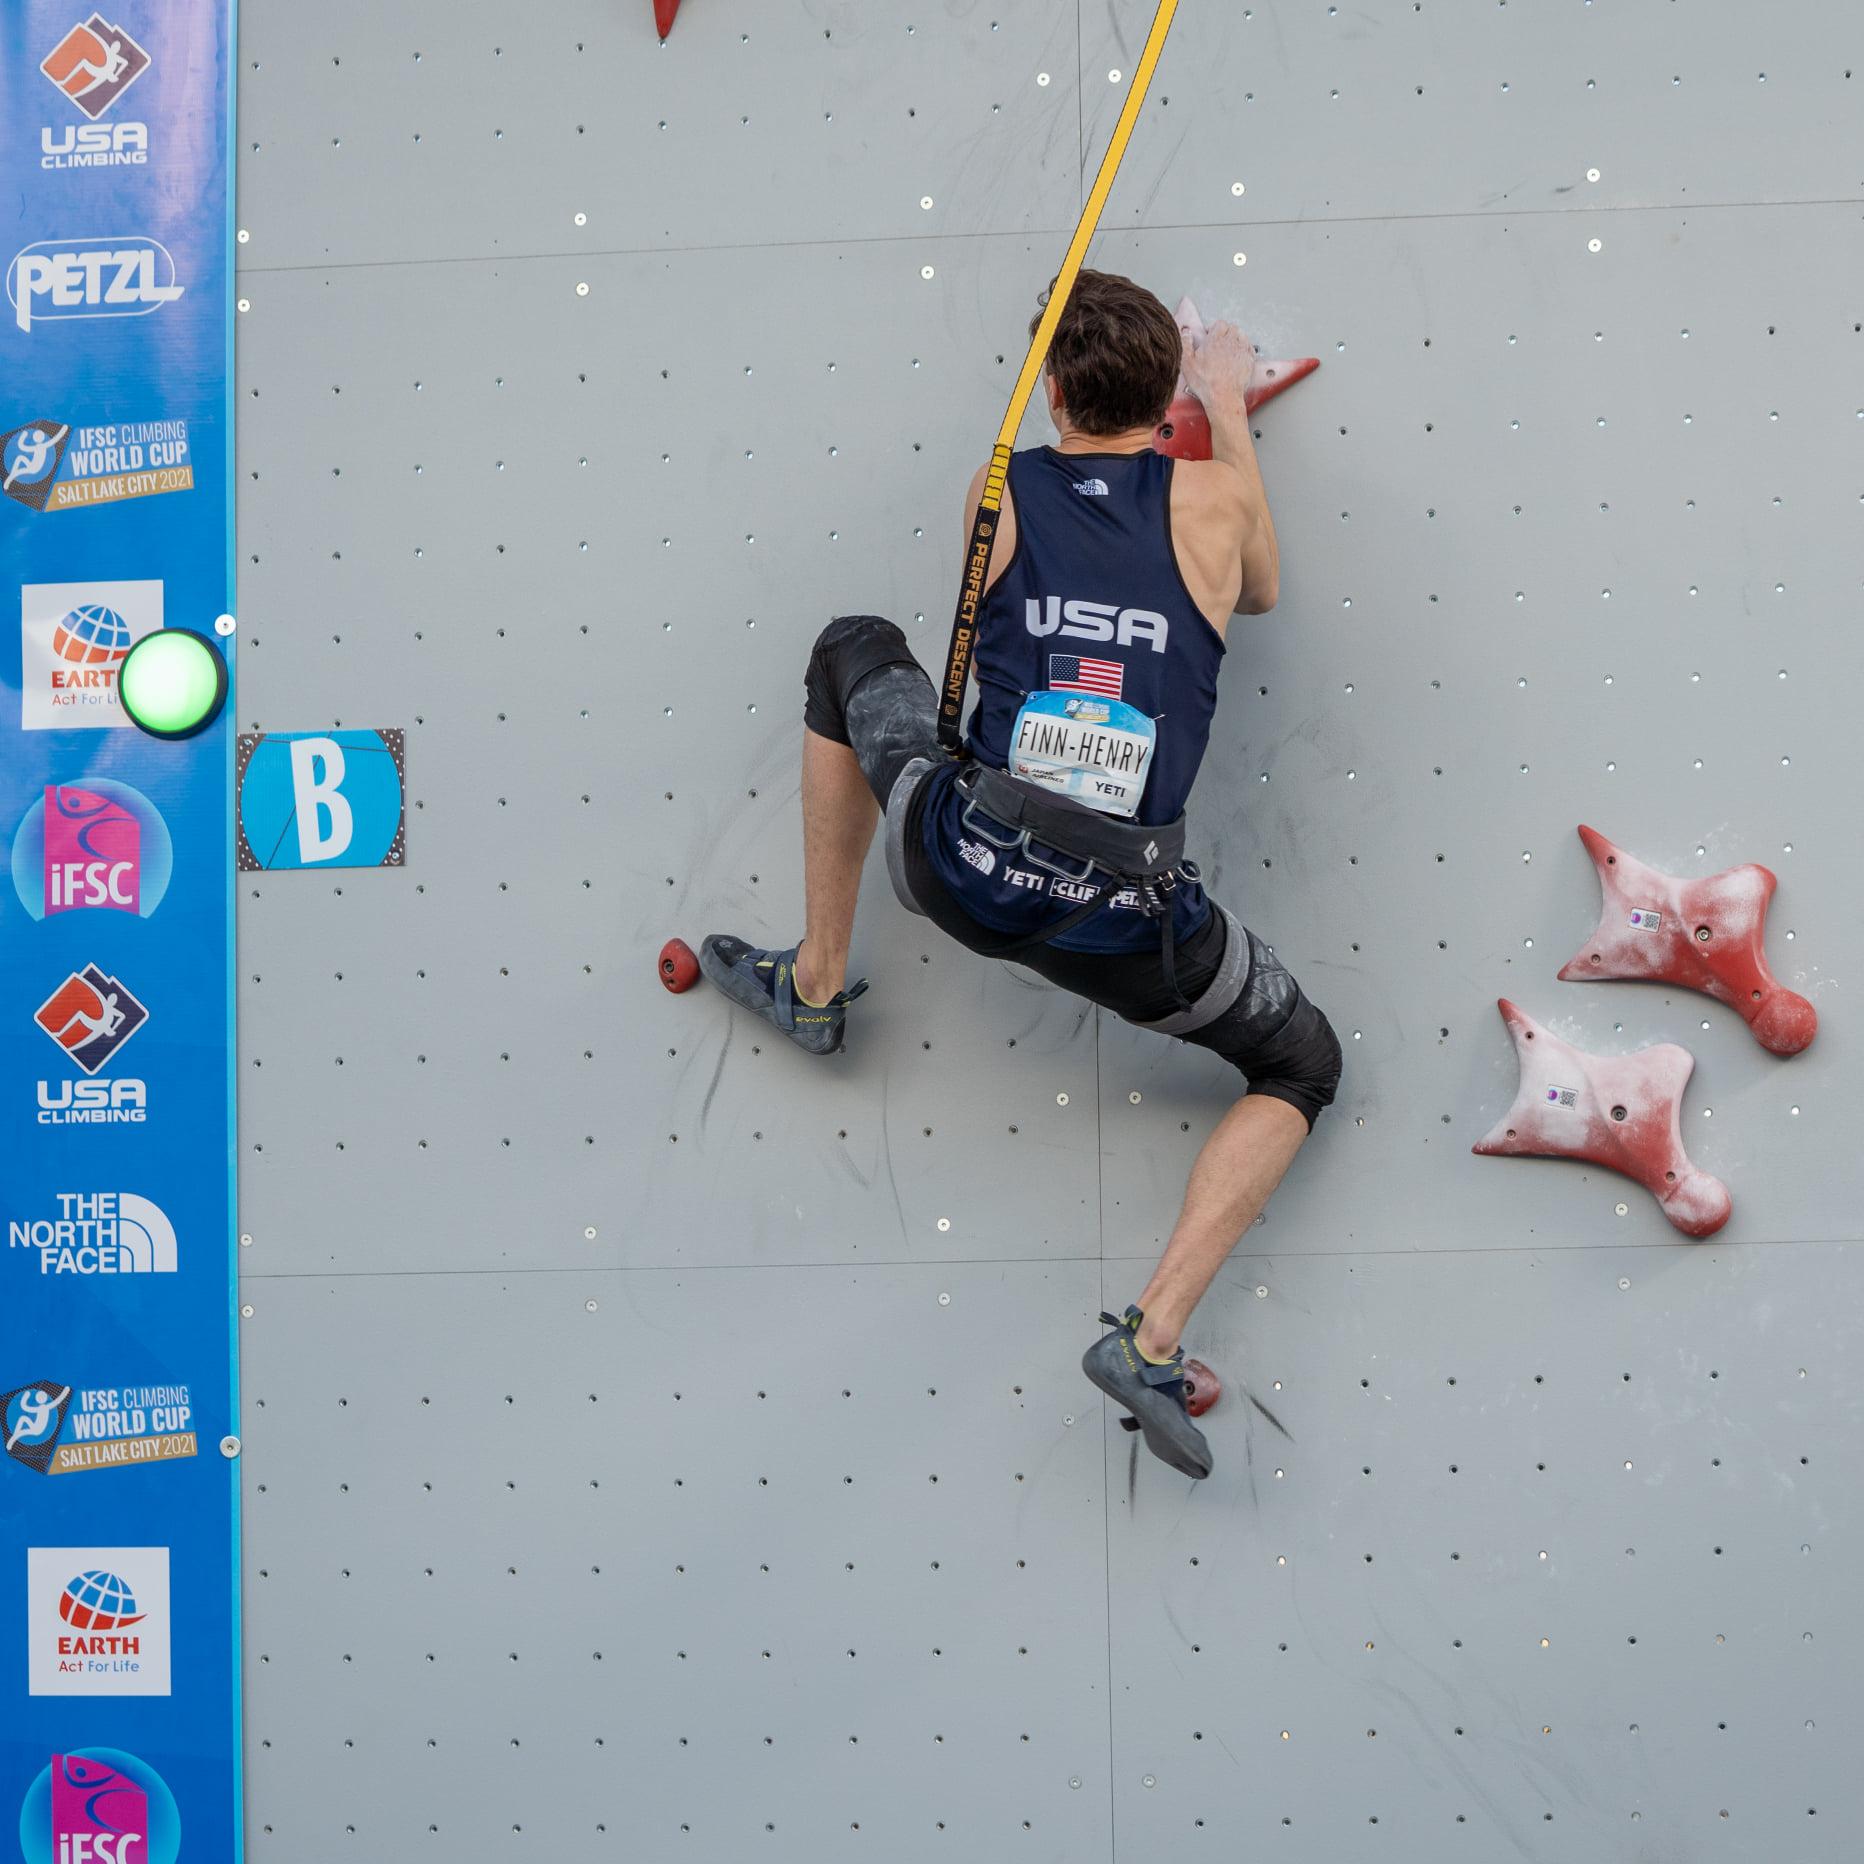 USA Climber Finn-Henry on wall